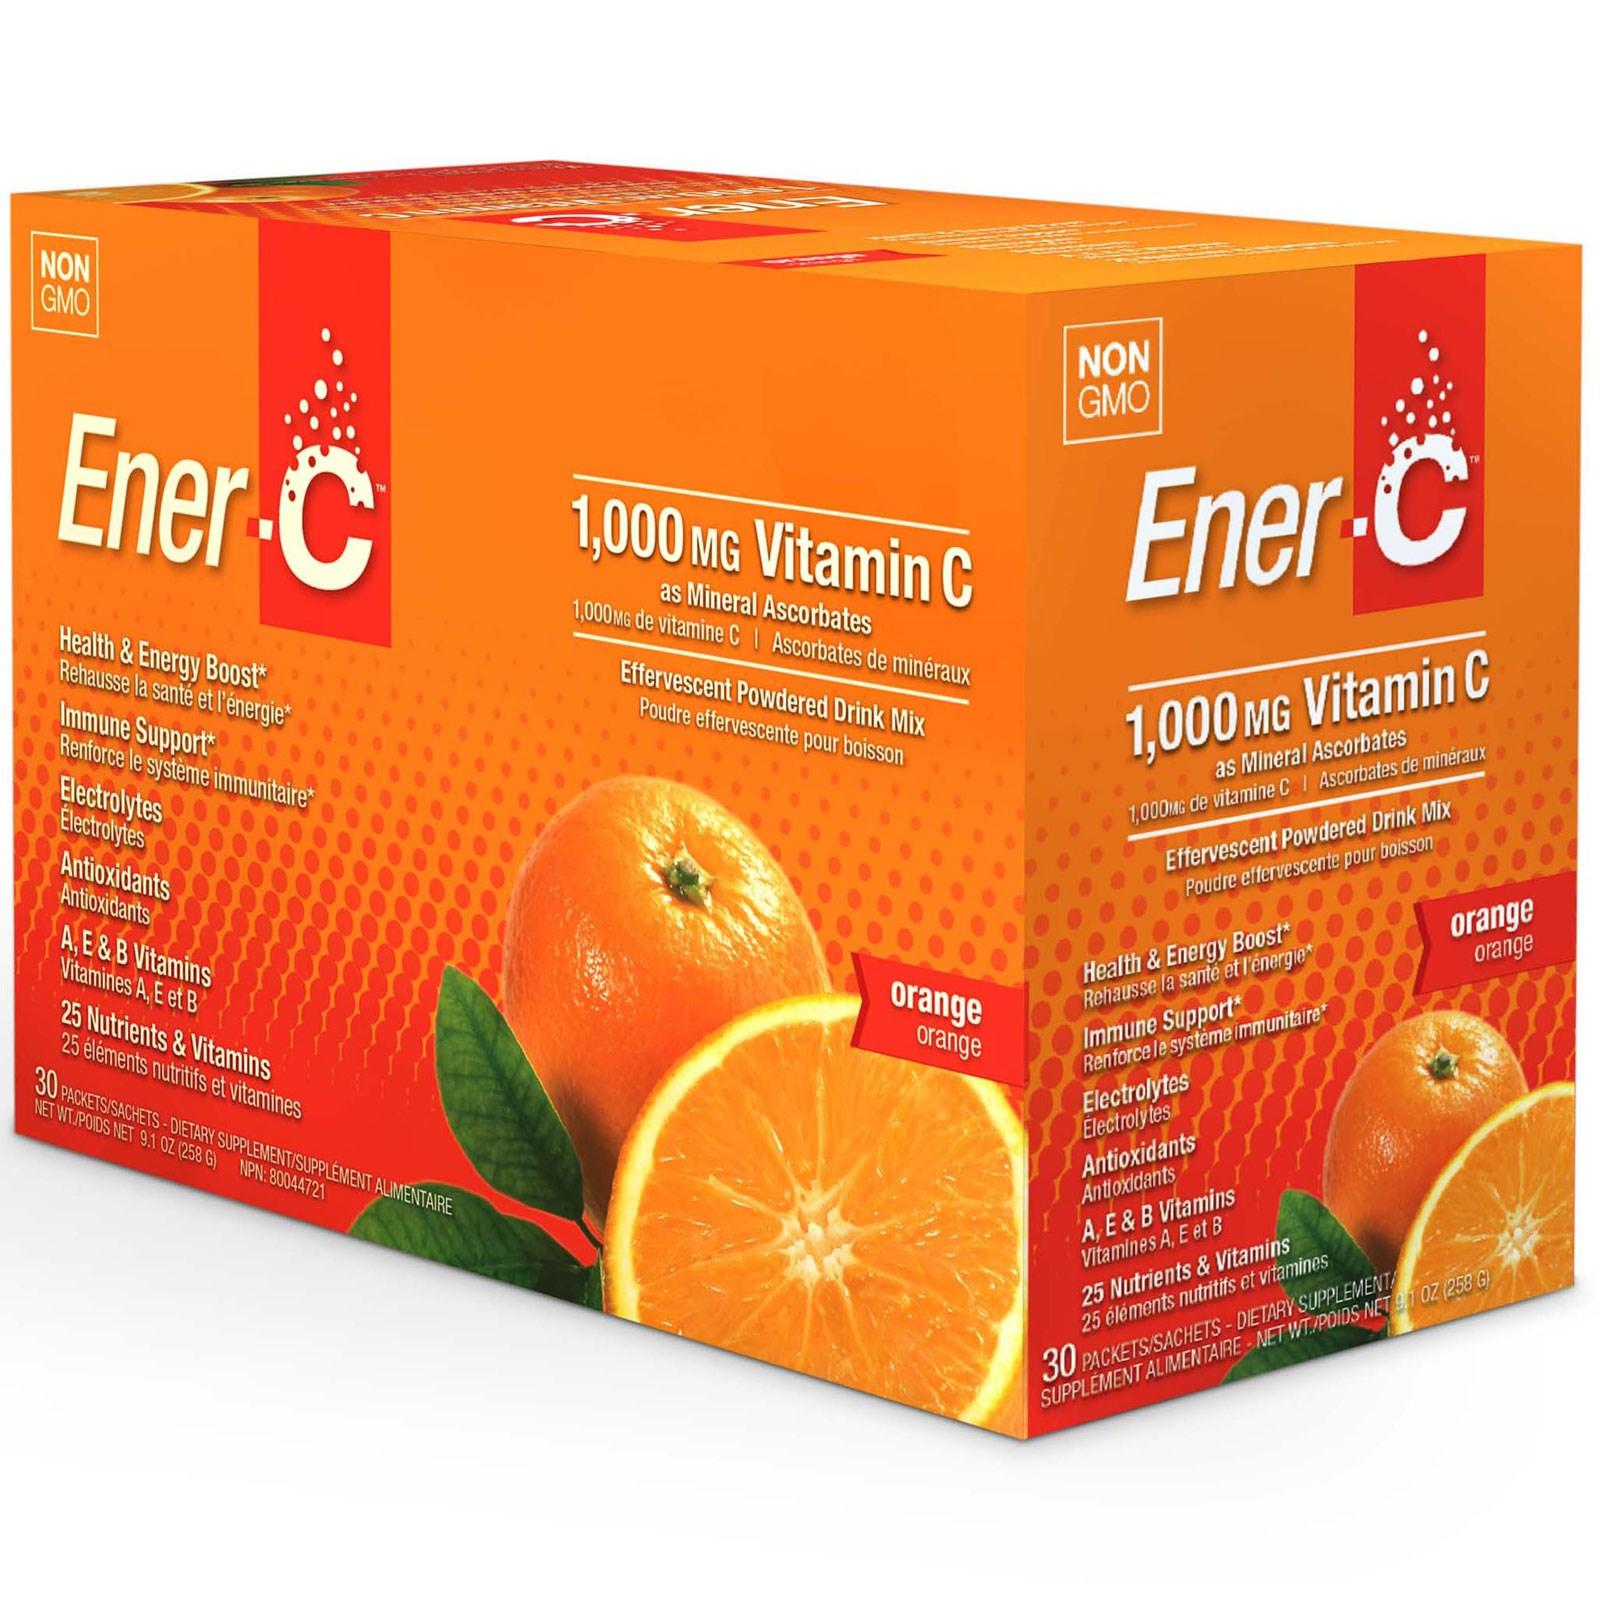 Ener-C, Витамин C, шипучий растворимый порошок для напитка со вкусом апельсина, 30 пакетиков, 9,2 унции (260,1 г)